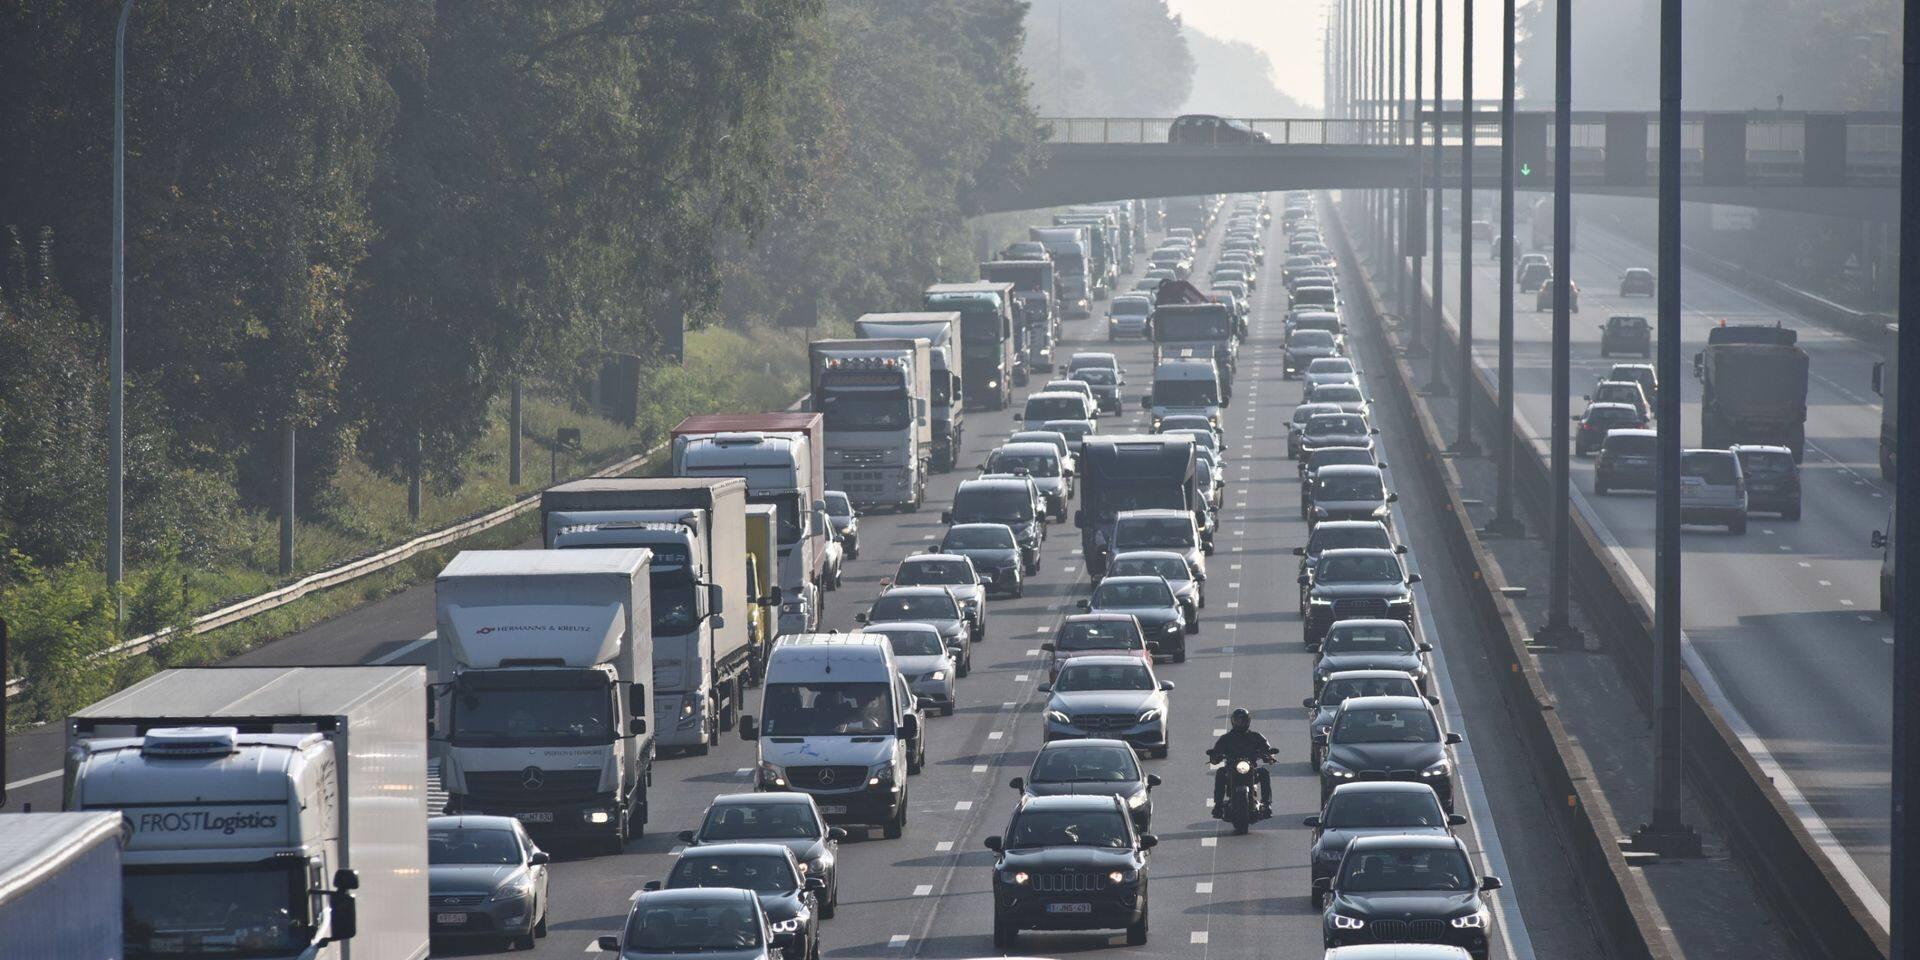 Dix kilomètres de file sur l'E40 en direction de la côte après un accident à Drongen